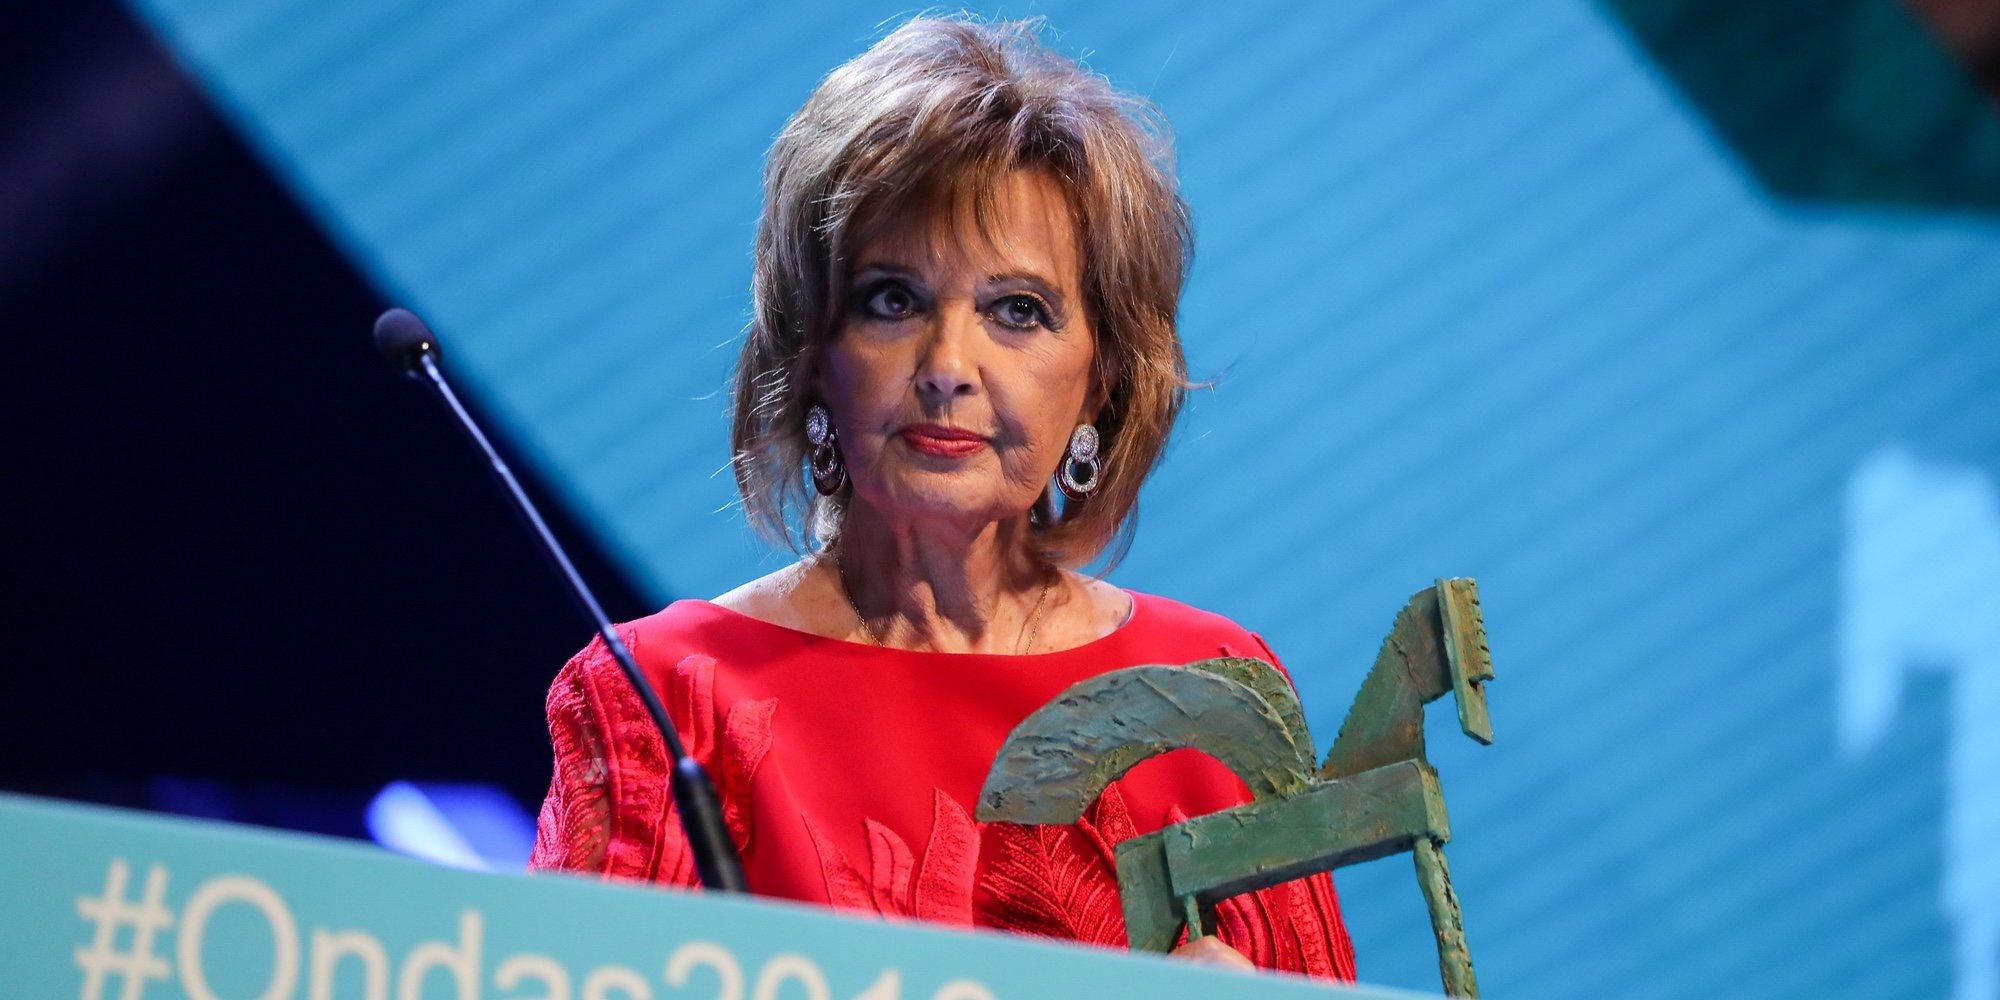 María Teresa Campos reaparece en los Premios Ondas 2019 resplandeciente y con nuevo look